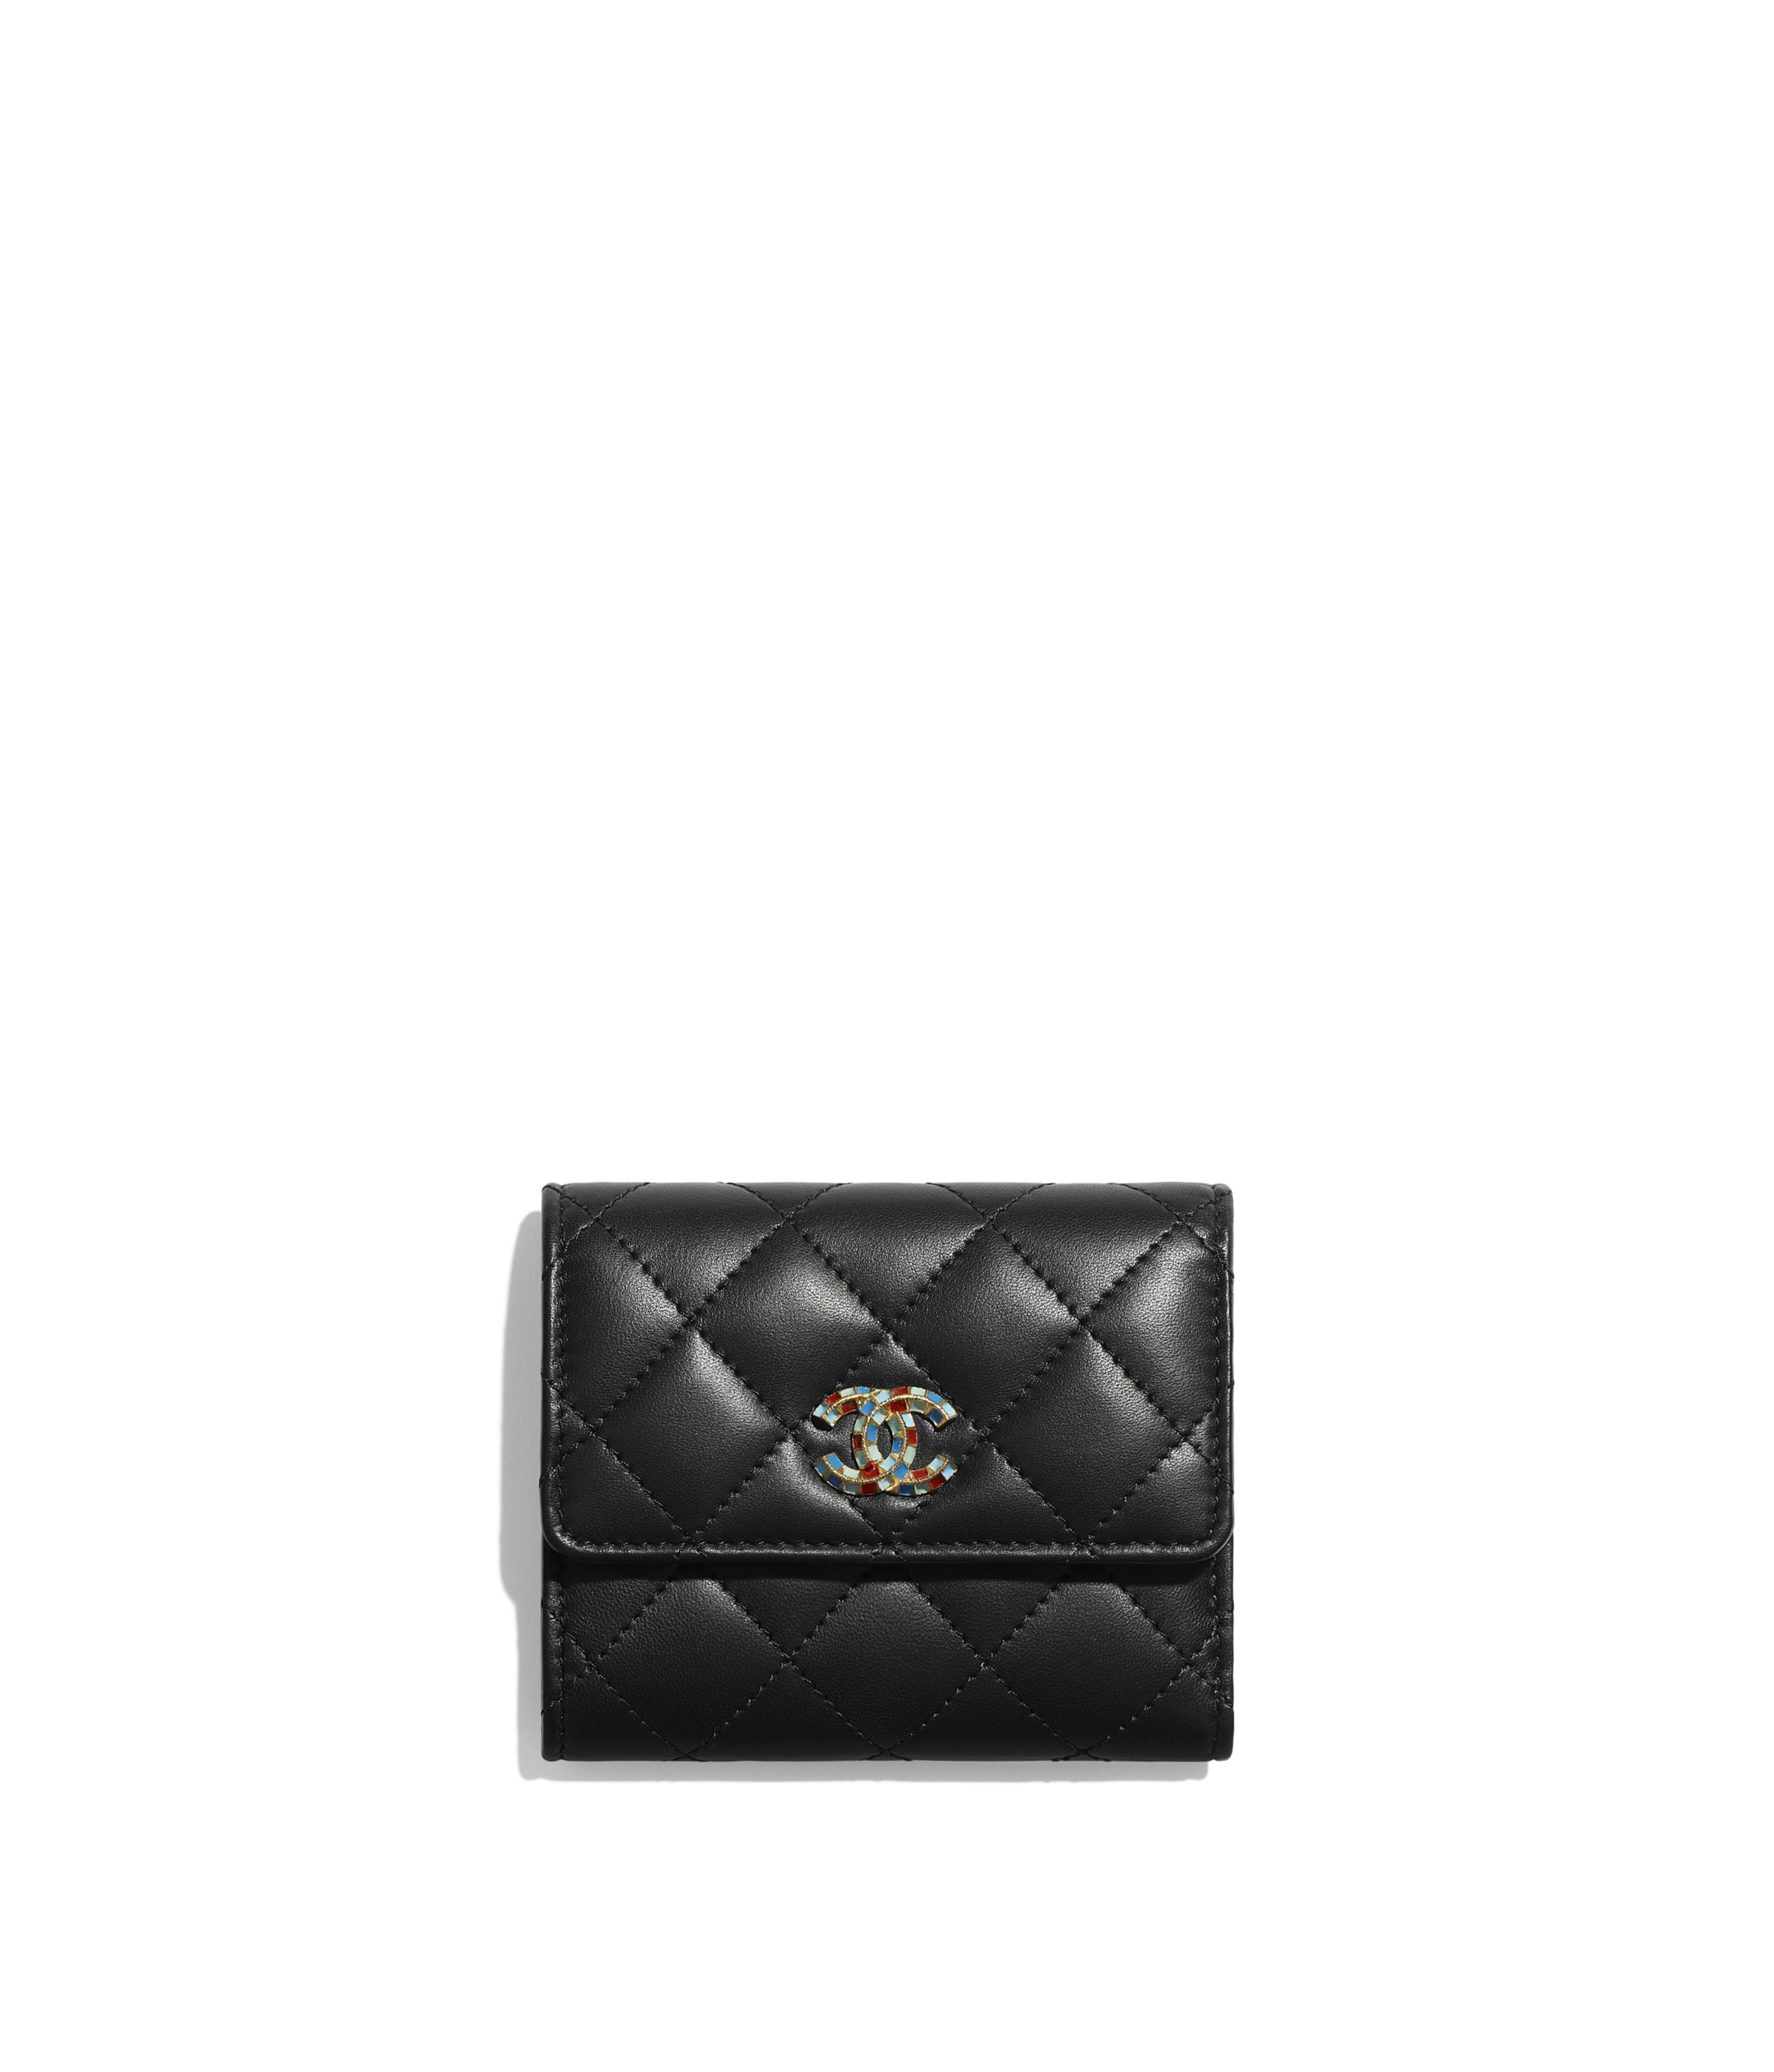 d55923c7042275 Small Flap Wallet Lambskin & Gold-Tone Metal, Black Ref. AP0523B0086694305